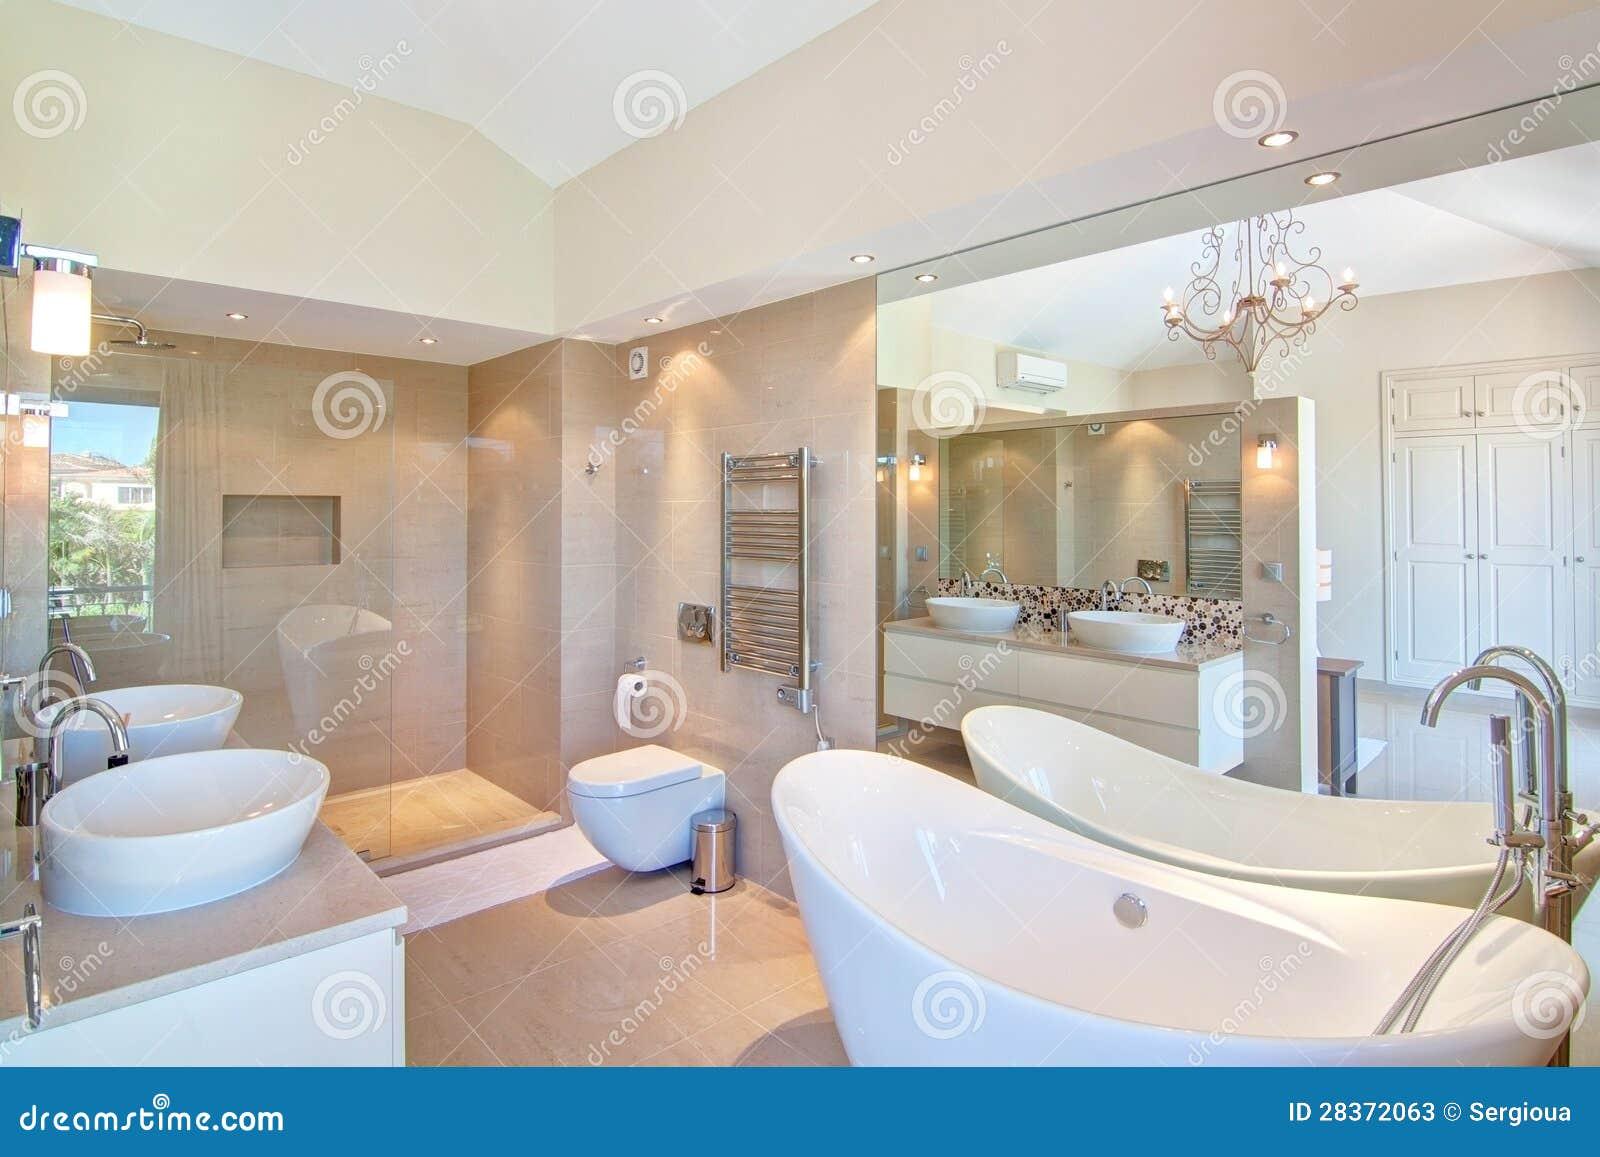 schönes dekoratives badezimmer. stockfotos - bild: 28372063